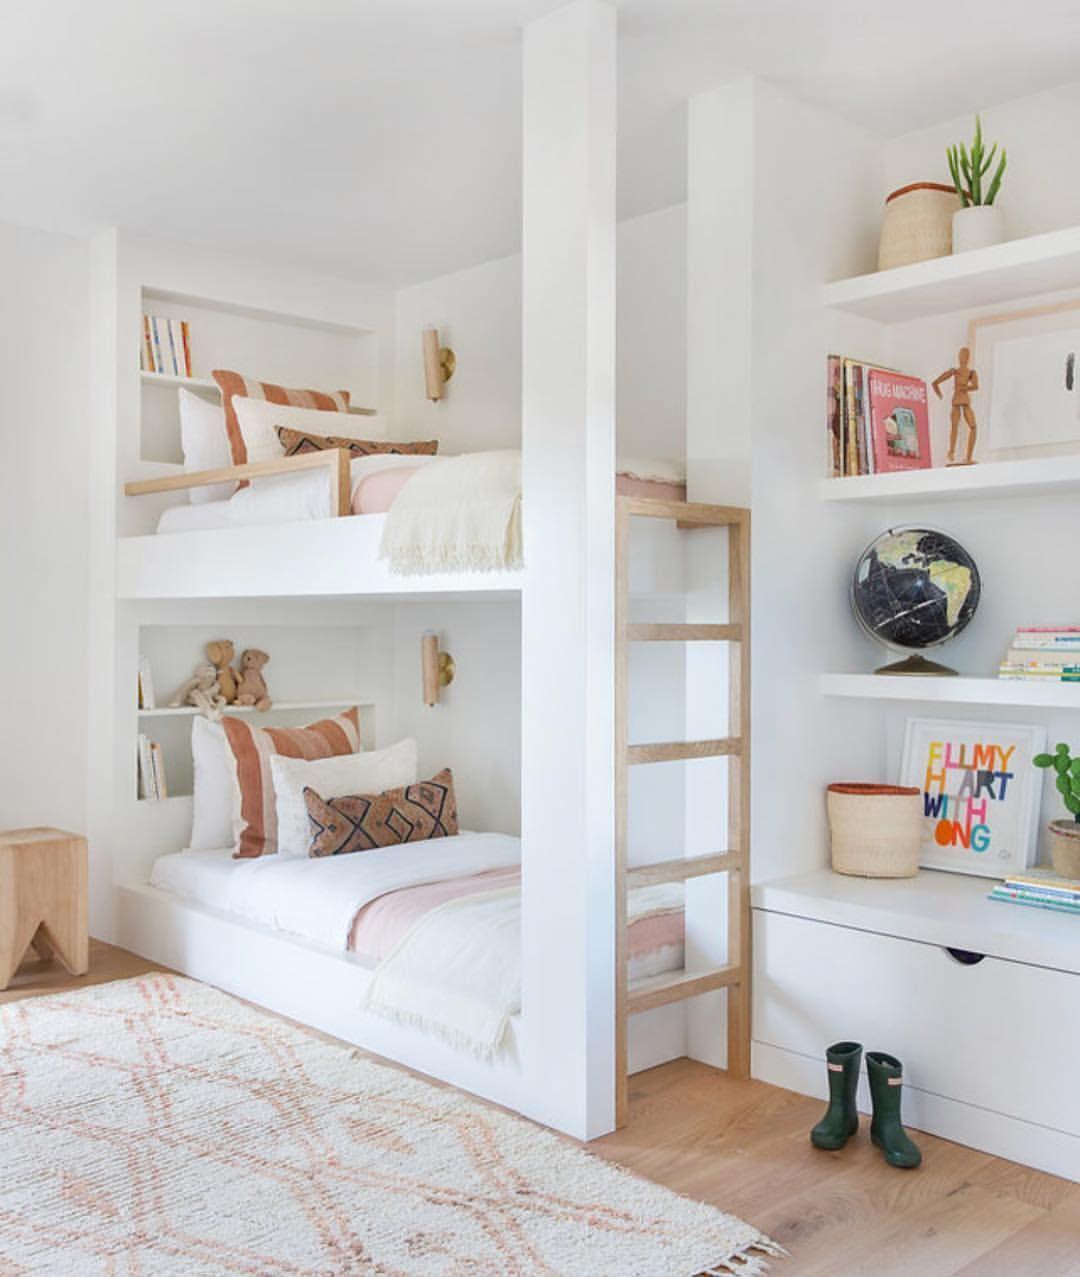 Pin von isa auf einrichtung pinterest kinder zimmer kinderzimmer und schlafzimmer - Schlafzimmer kinderzimmer ...